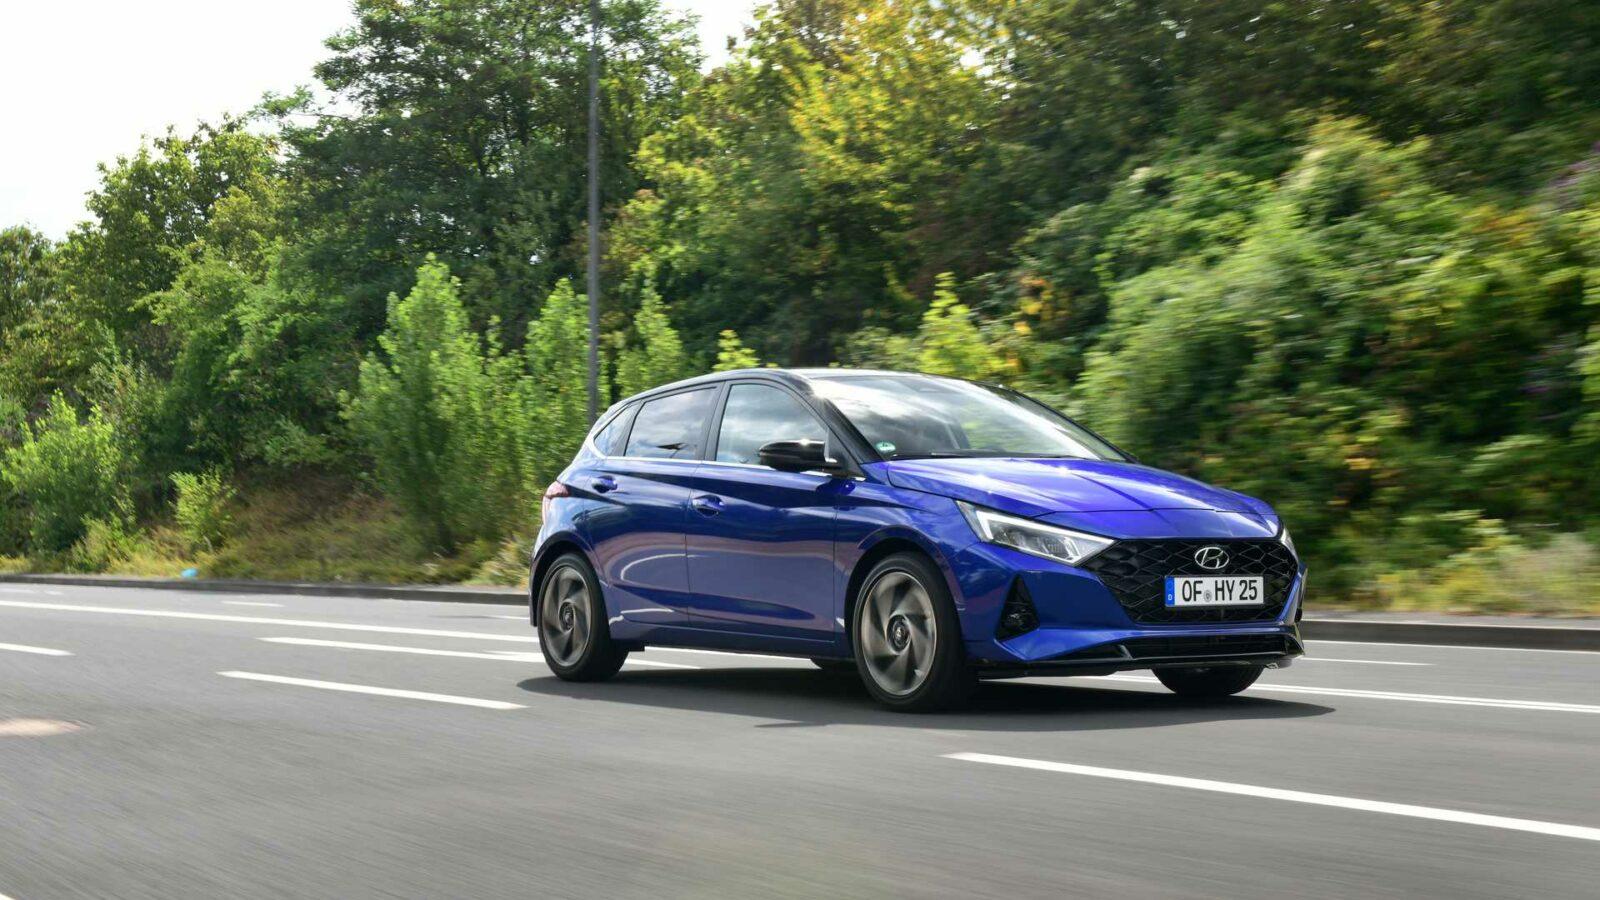 Nuova Hyundai i20, prova di maturità. Sta arrivando!